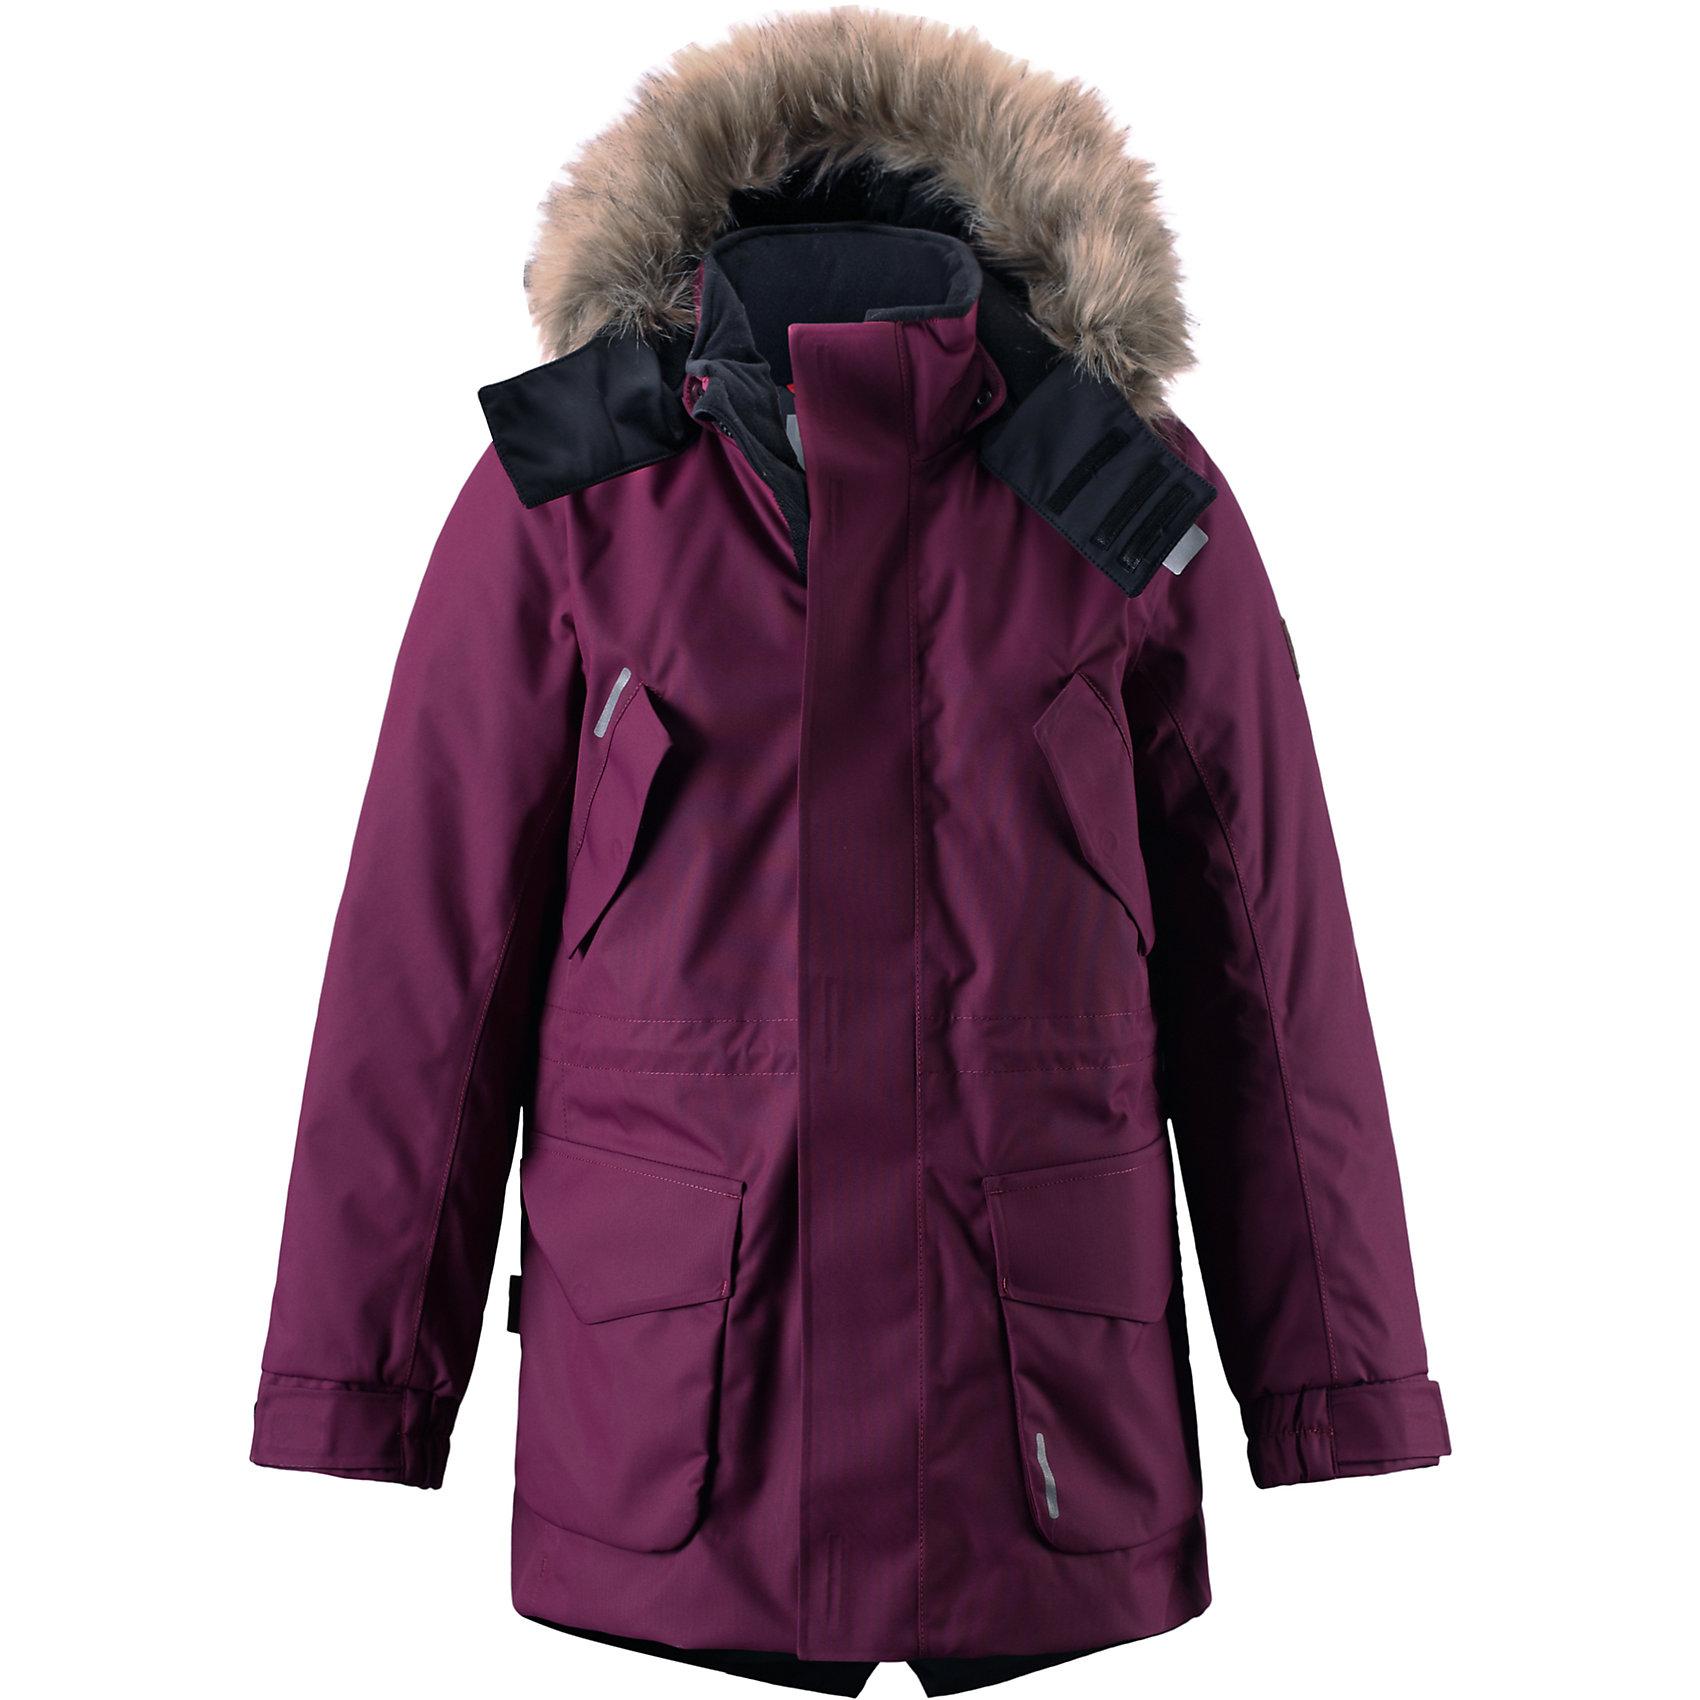 Куртка Naapuri для девочки Reimatec® ReimaОдежда<br>Куртка Naapuri для девочки от финского бренда Reimatec® Reima.<br>Состав:<br>100% Полиамид, полиуретановое покрытие<br>Утеплитель:<br>140 гр<br><br>Ширина мм: 356<br>Глубина мм: 10<br>Высота мм: 245<br>Вес г: 519<br>Цвет: фиолетовый<br>Возраст от месяцев: 36<br>Возраст до месяцев: 48<br>Пол: Женский<br>Возраст: Детский<br>Размер: 104,140,128,134,146,152,158<br>SKU: 5216171